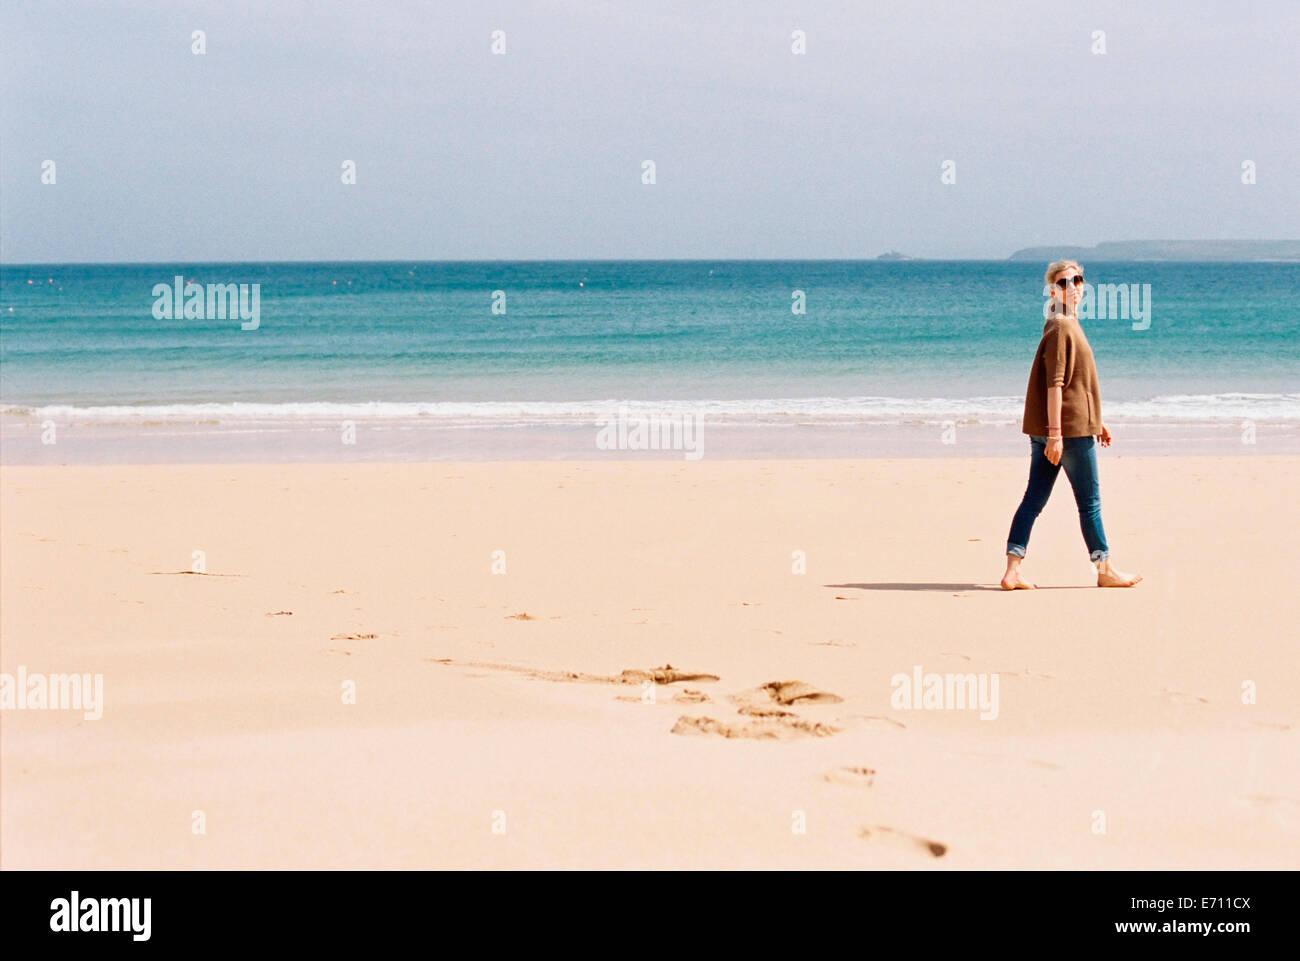 Una donna cammina a piedi nudi su una spiaggia, lasciando tracce nella sabbia. Immagini Stock